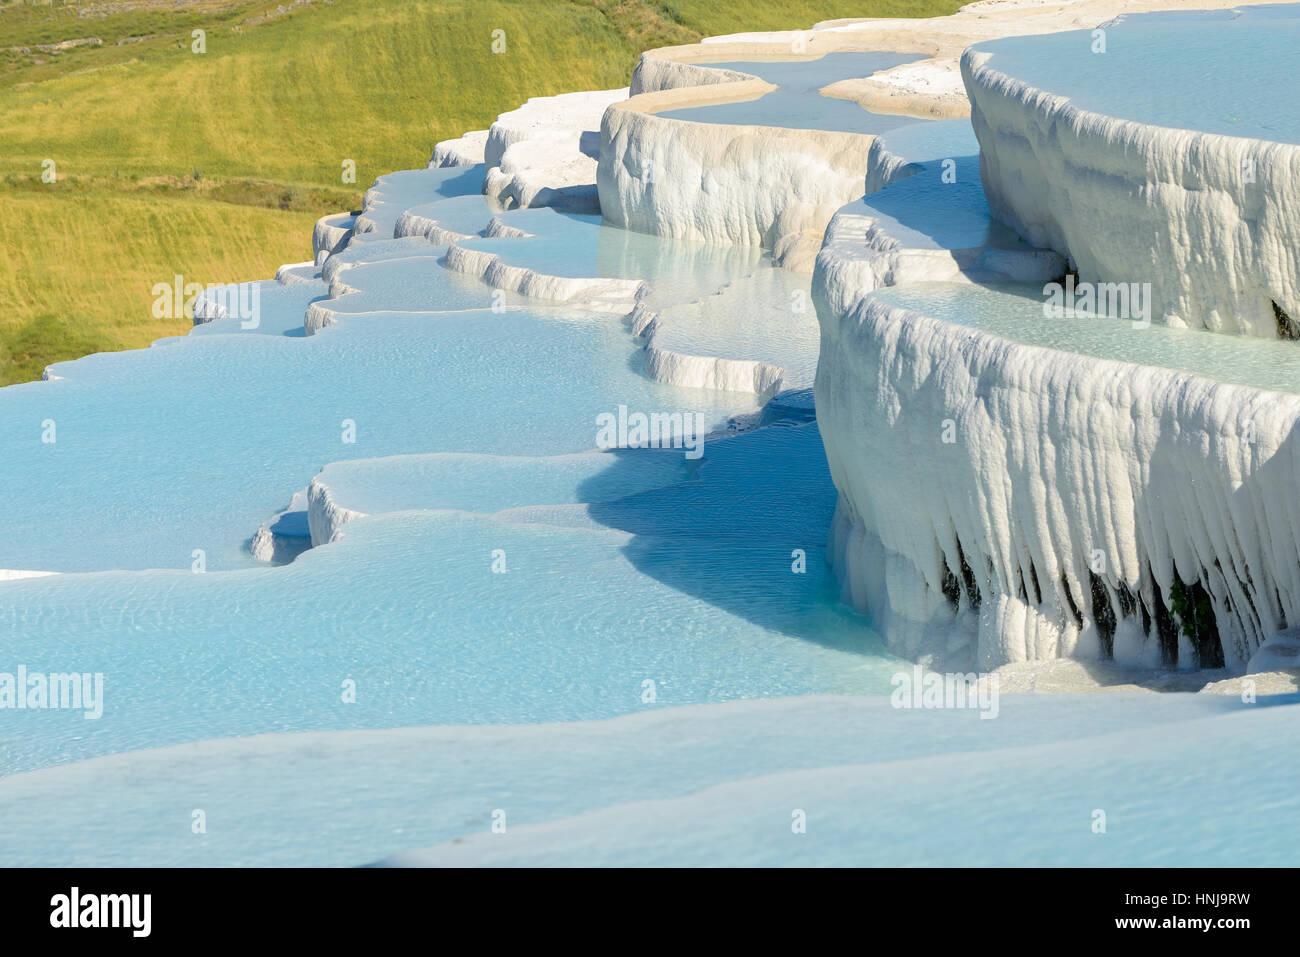 Las encantadoras piscinas de Pamukkale en Turquía. Pamukkale contiene aguas termales y tufo, terrazas de carbonatos Imagen De Stock